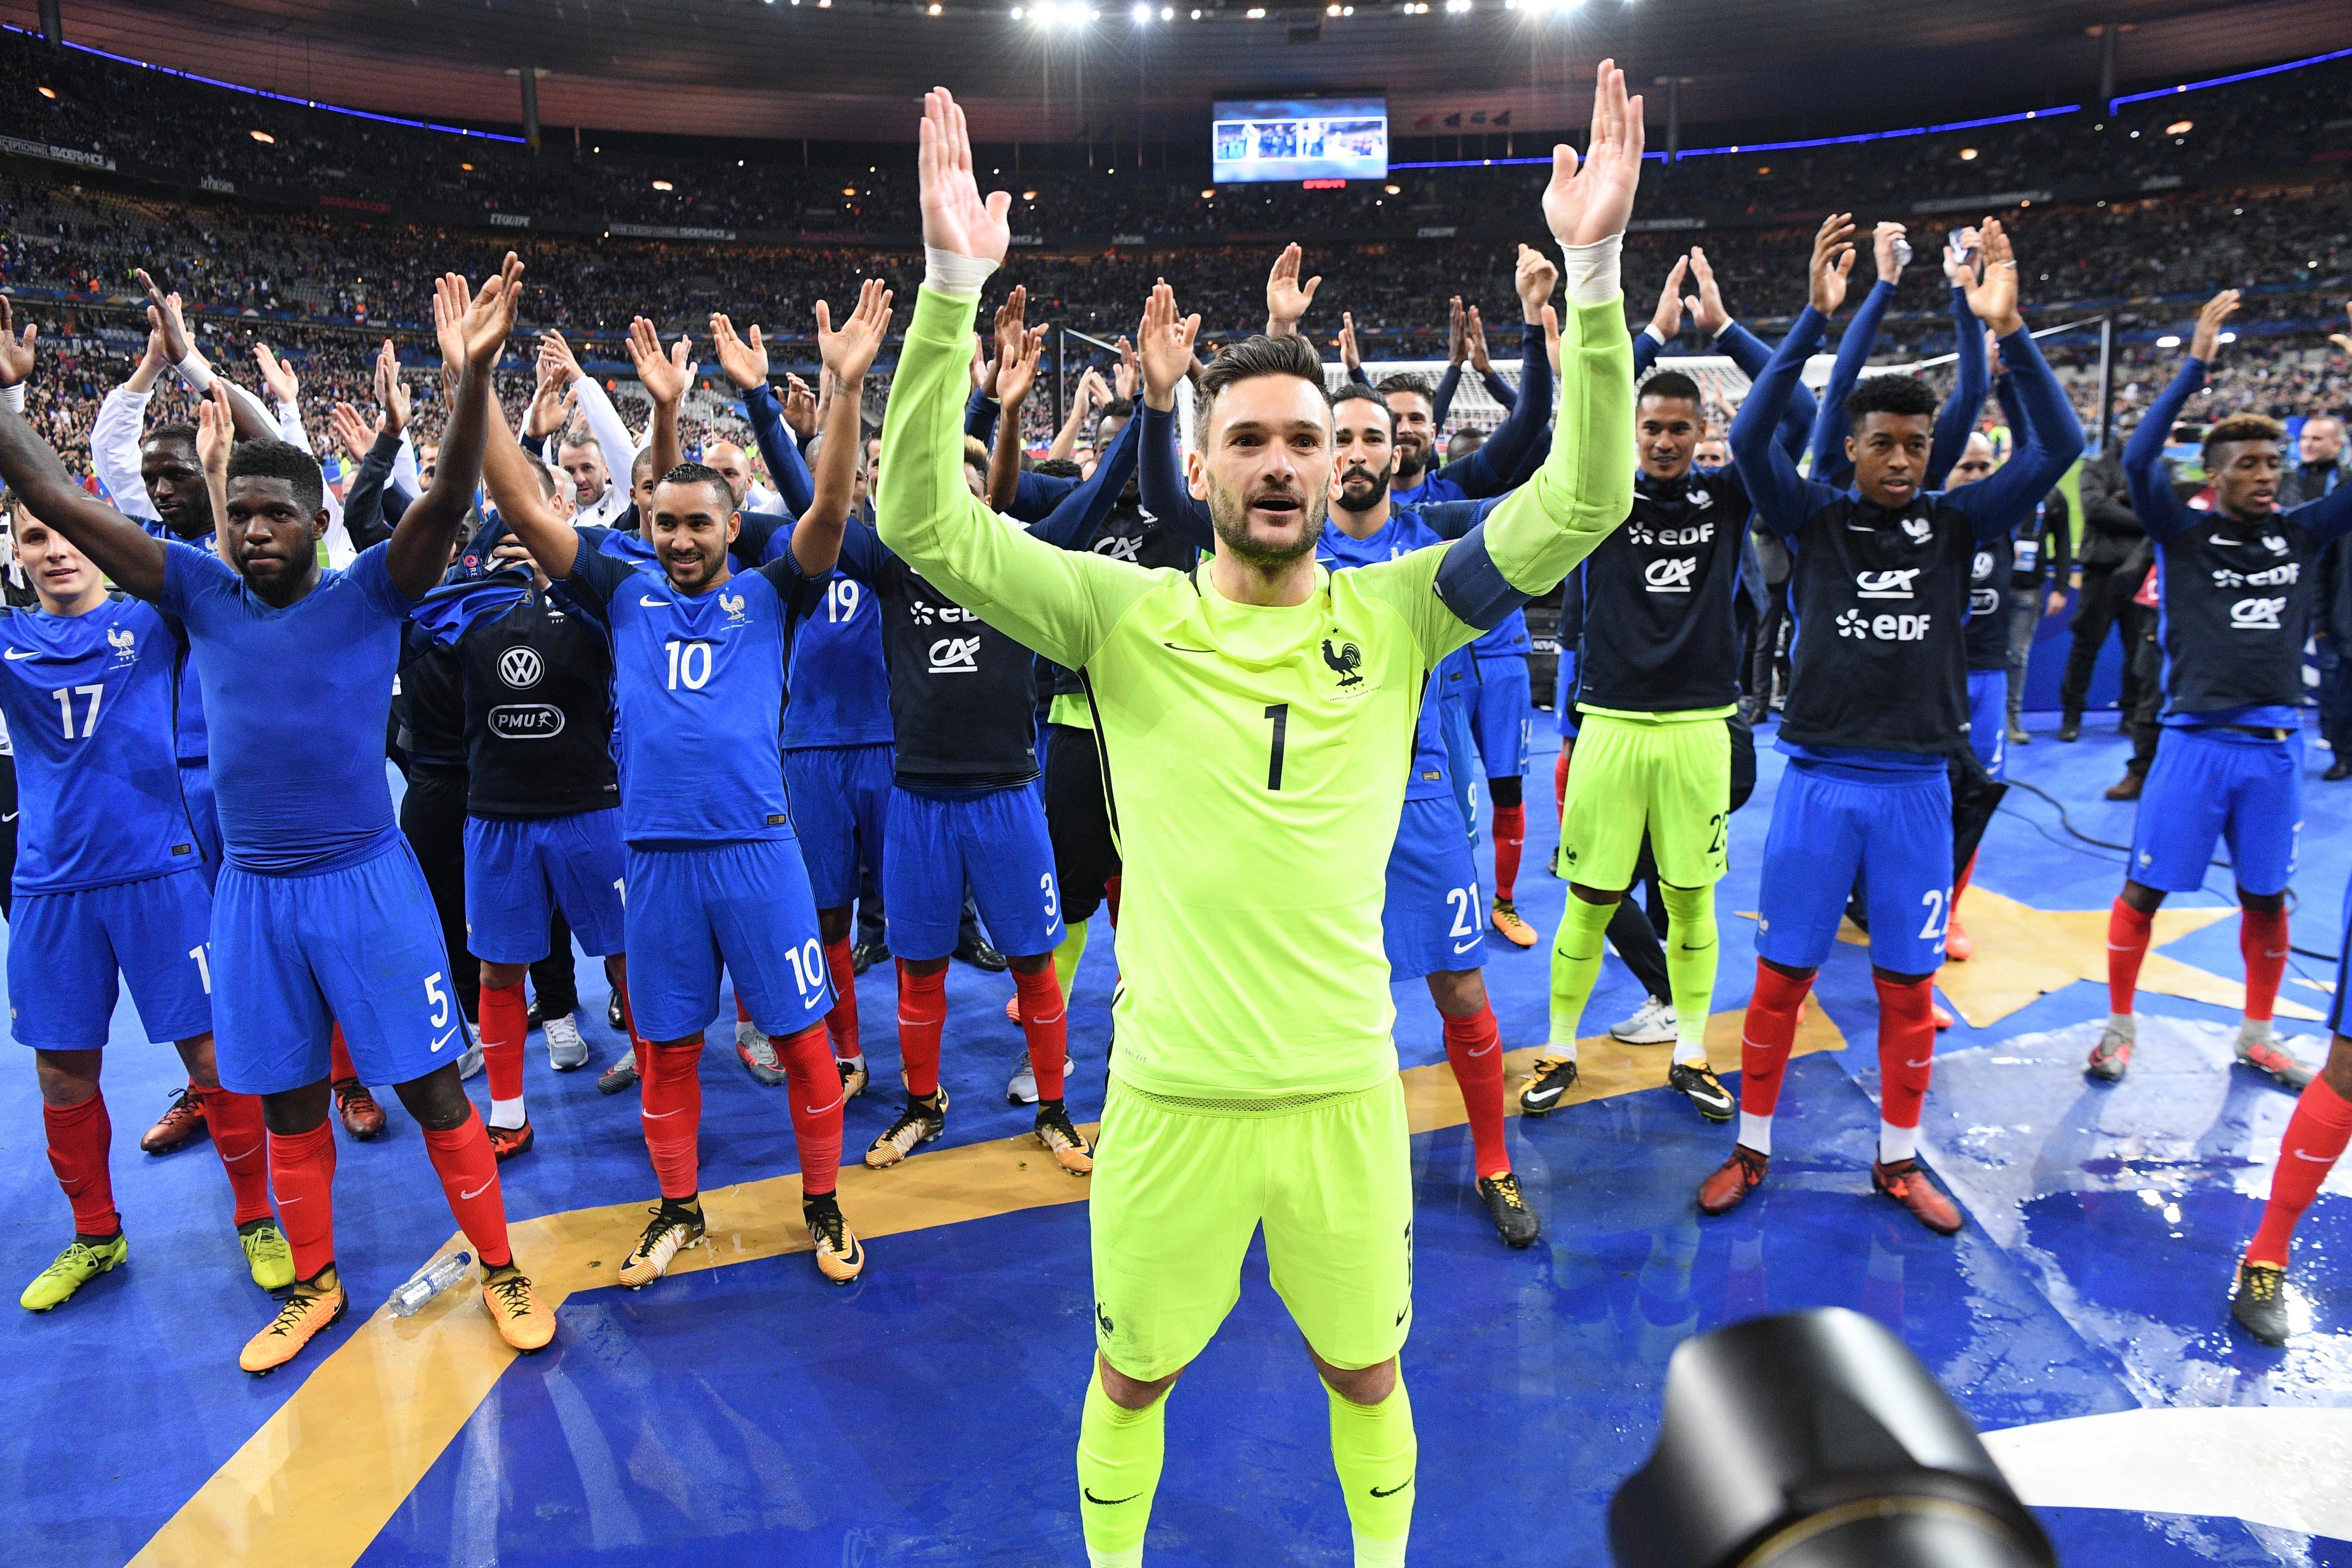 Coupe du monde de foot 2018 les quipes in et out - Prochaine coupe du monde de foot 2018 ...